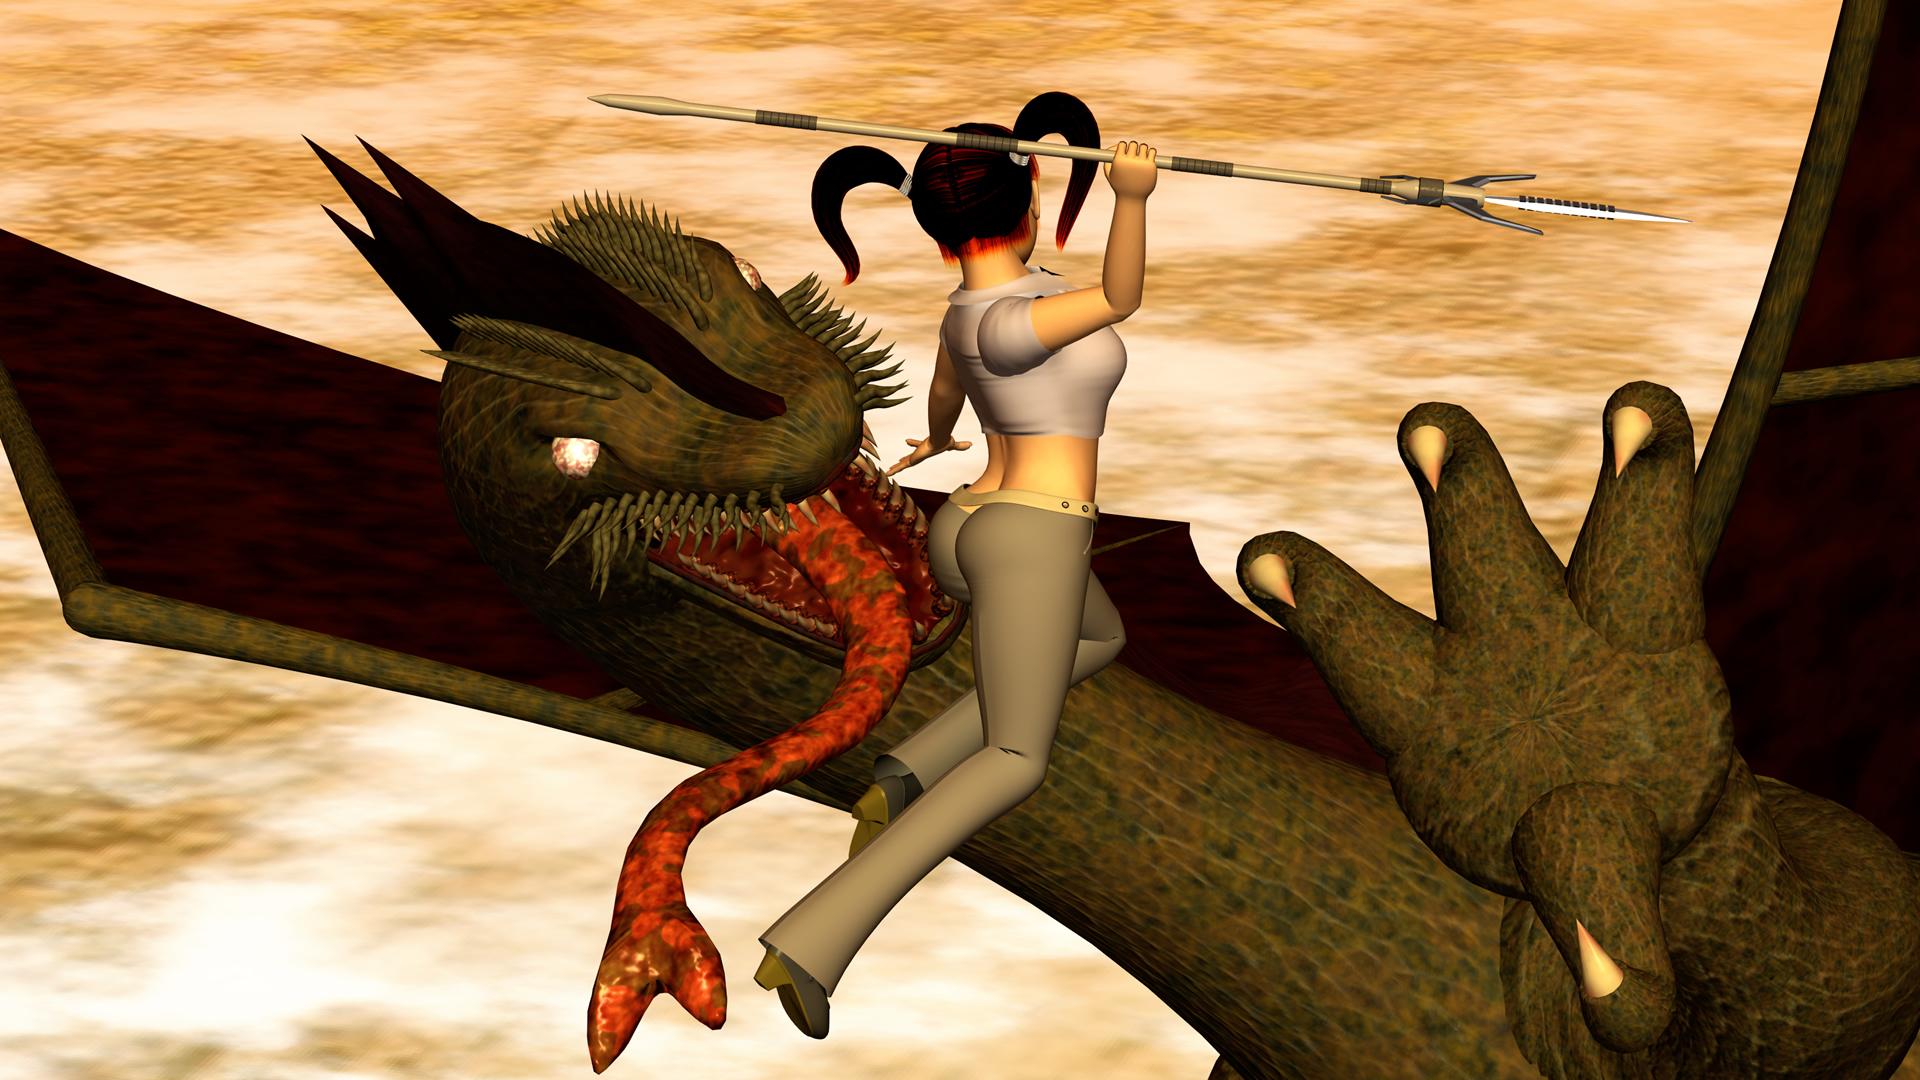 2017年12月 OL戦士とドラゴン2(3Dキャラ)